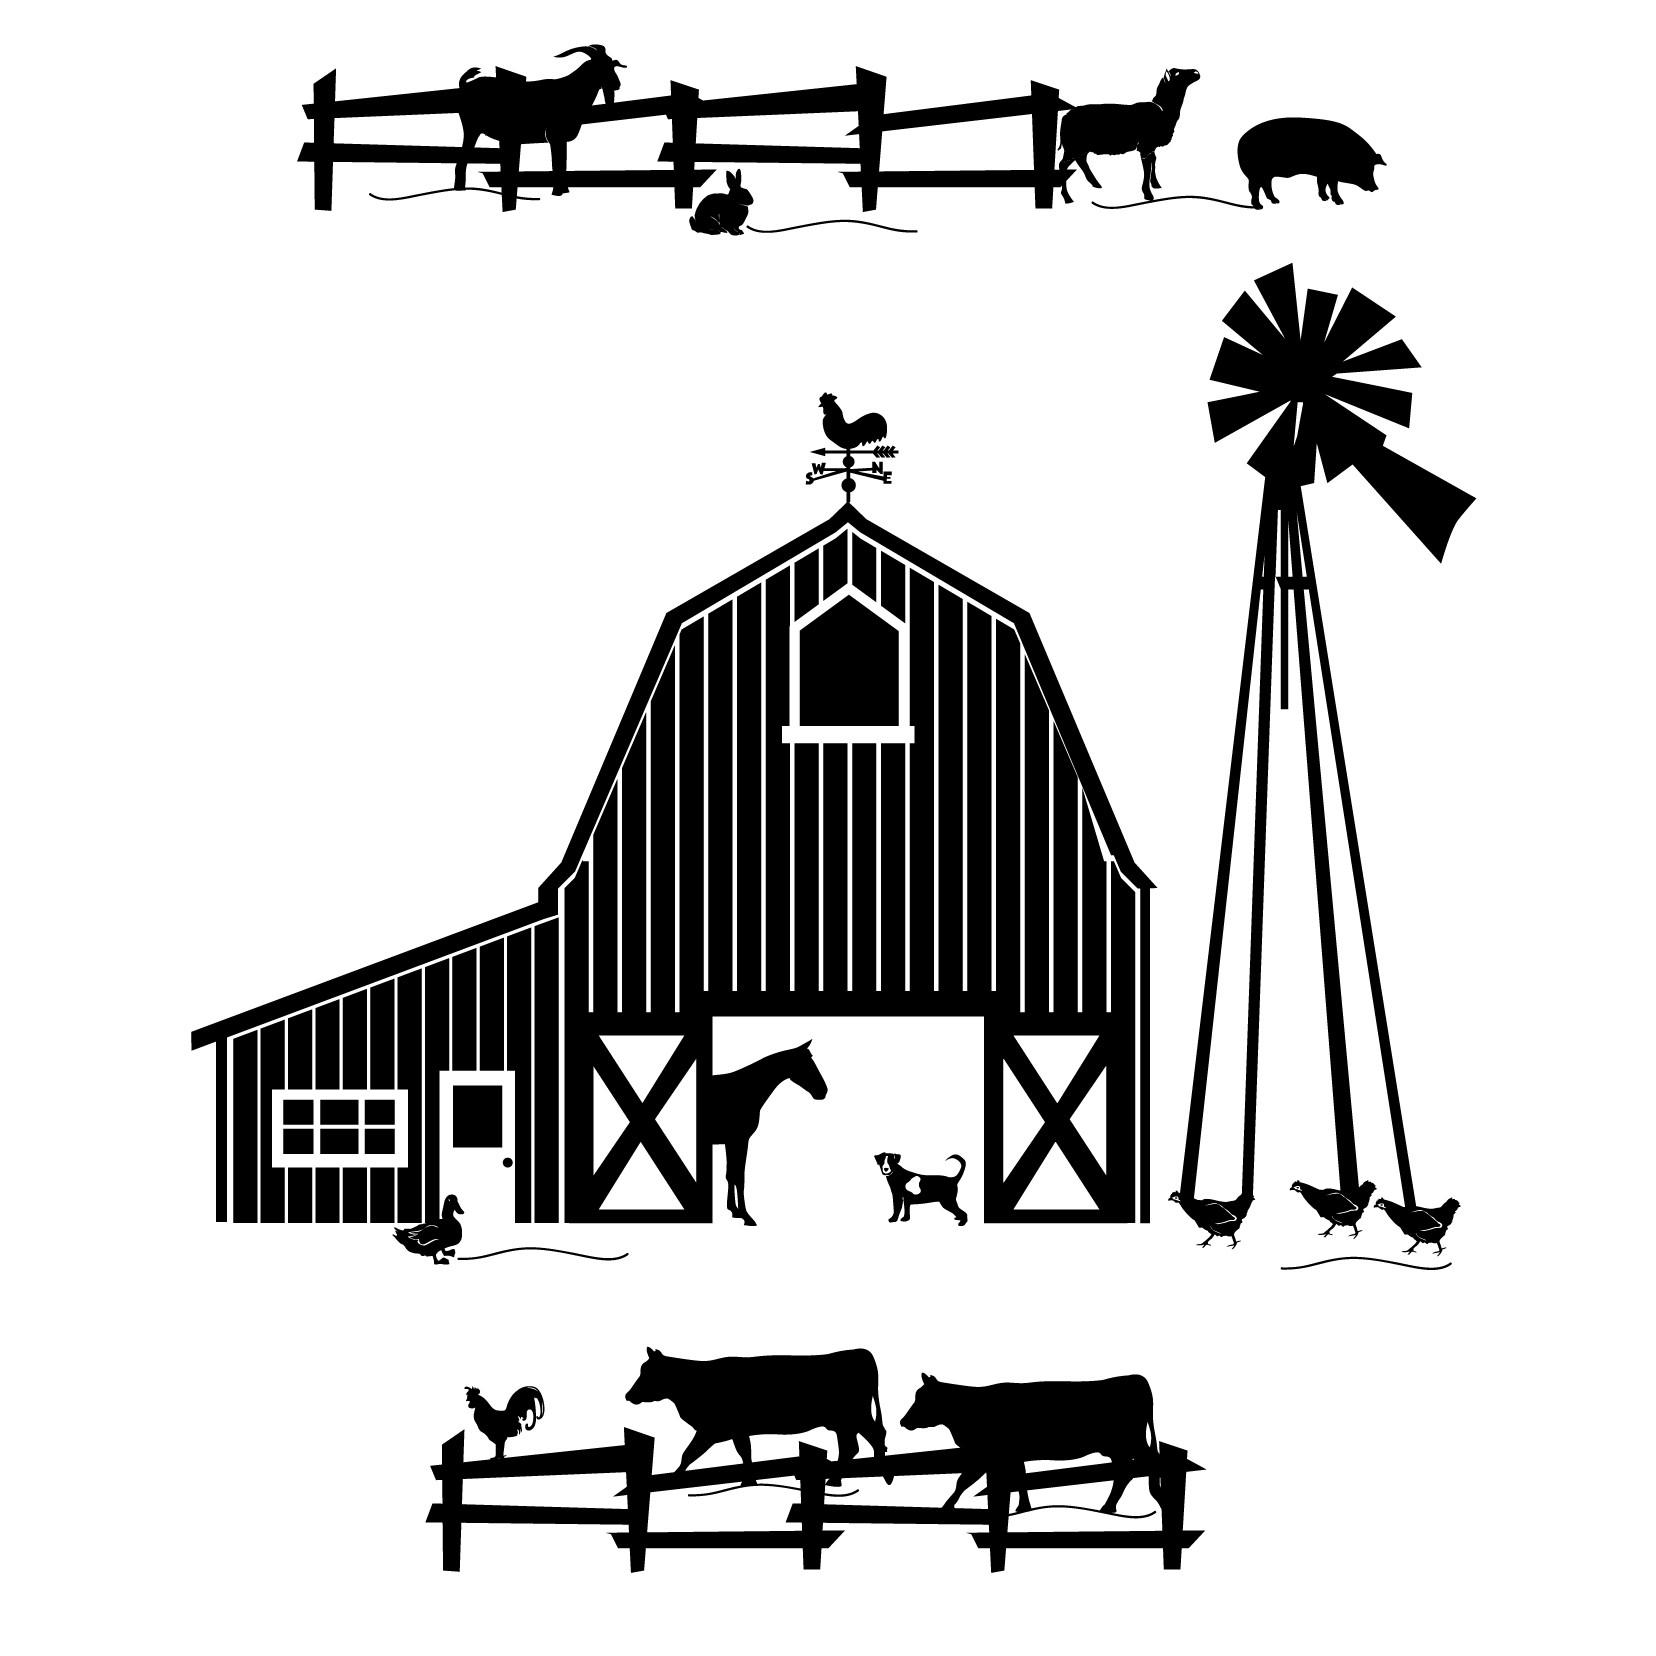 Farm scene clipart black and white.